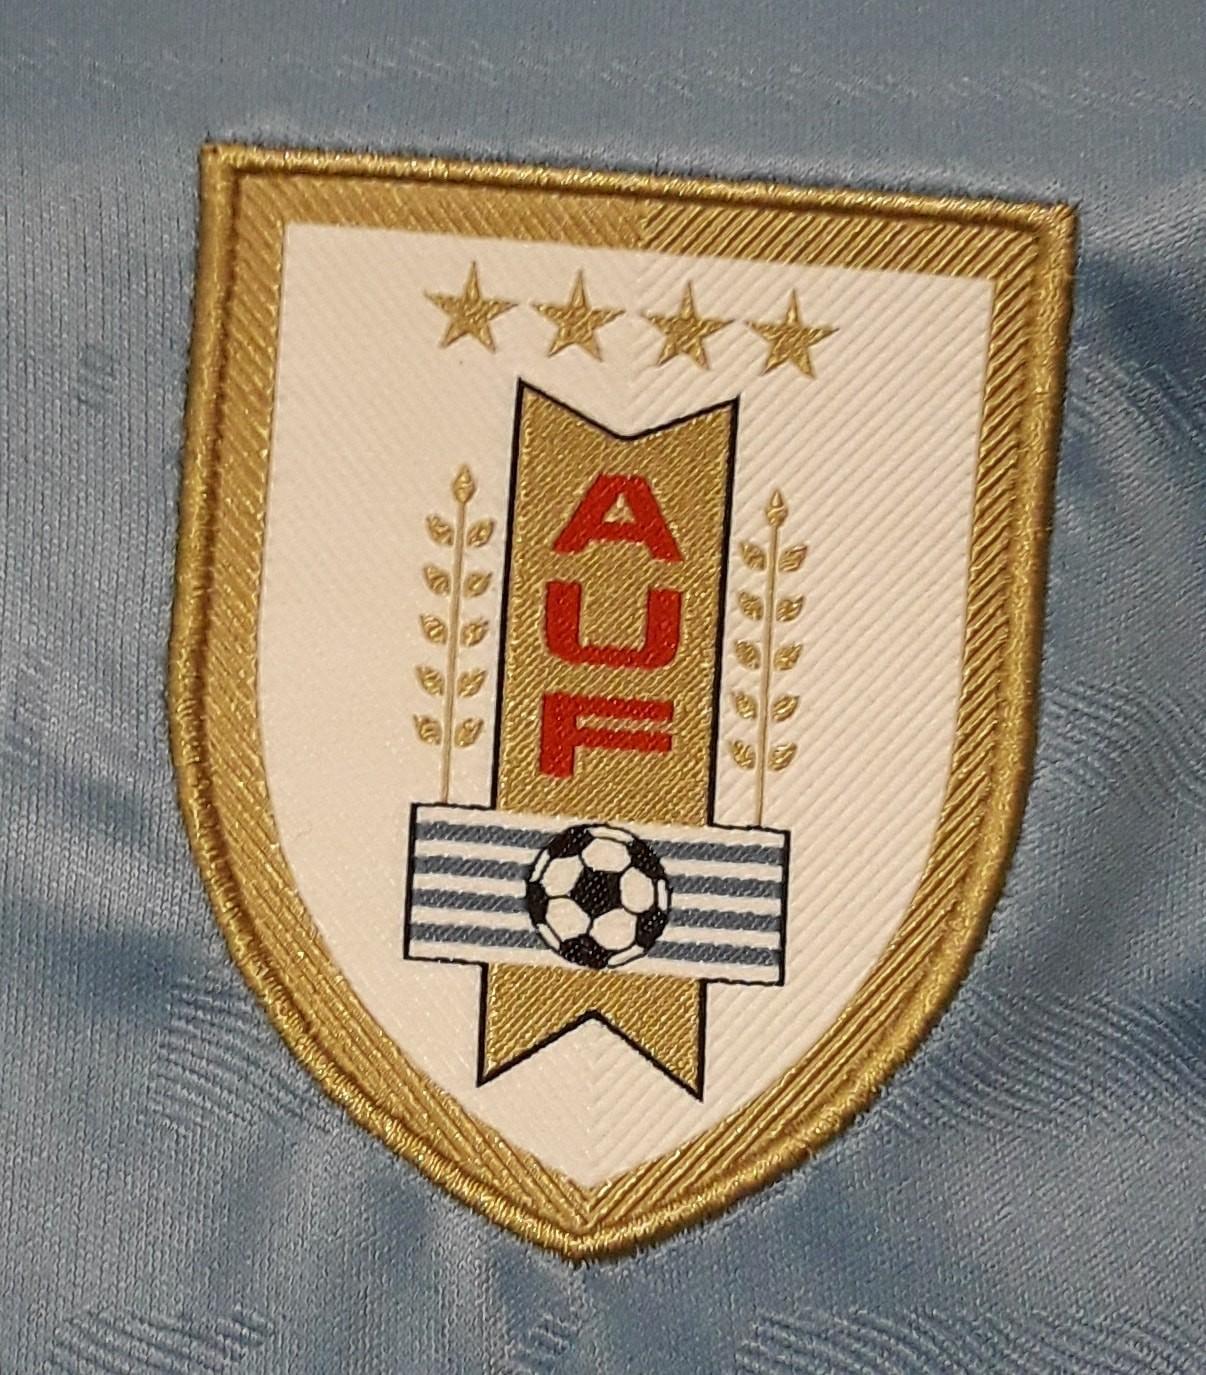 f547165f1 Why Has Uruguay s Football Team Been Awarded 4 Stars